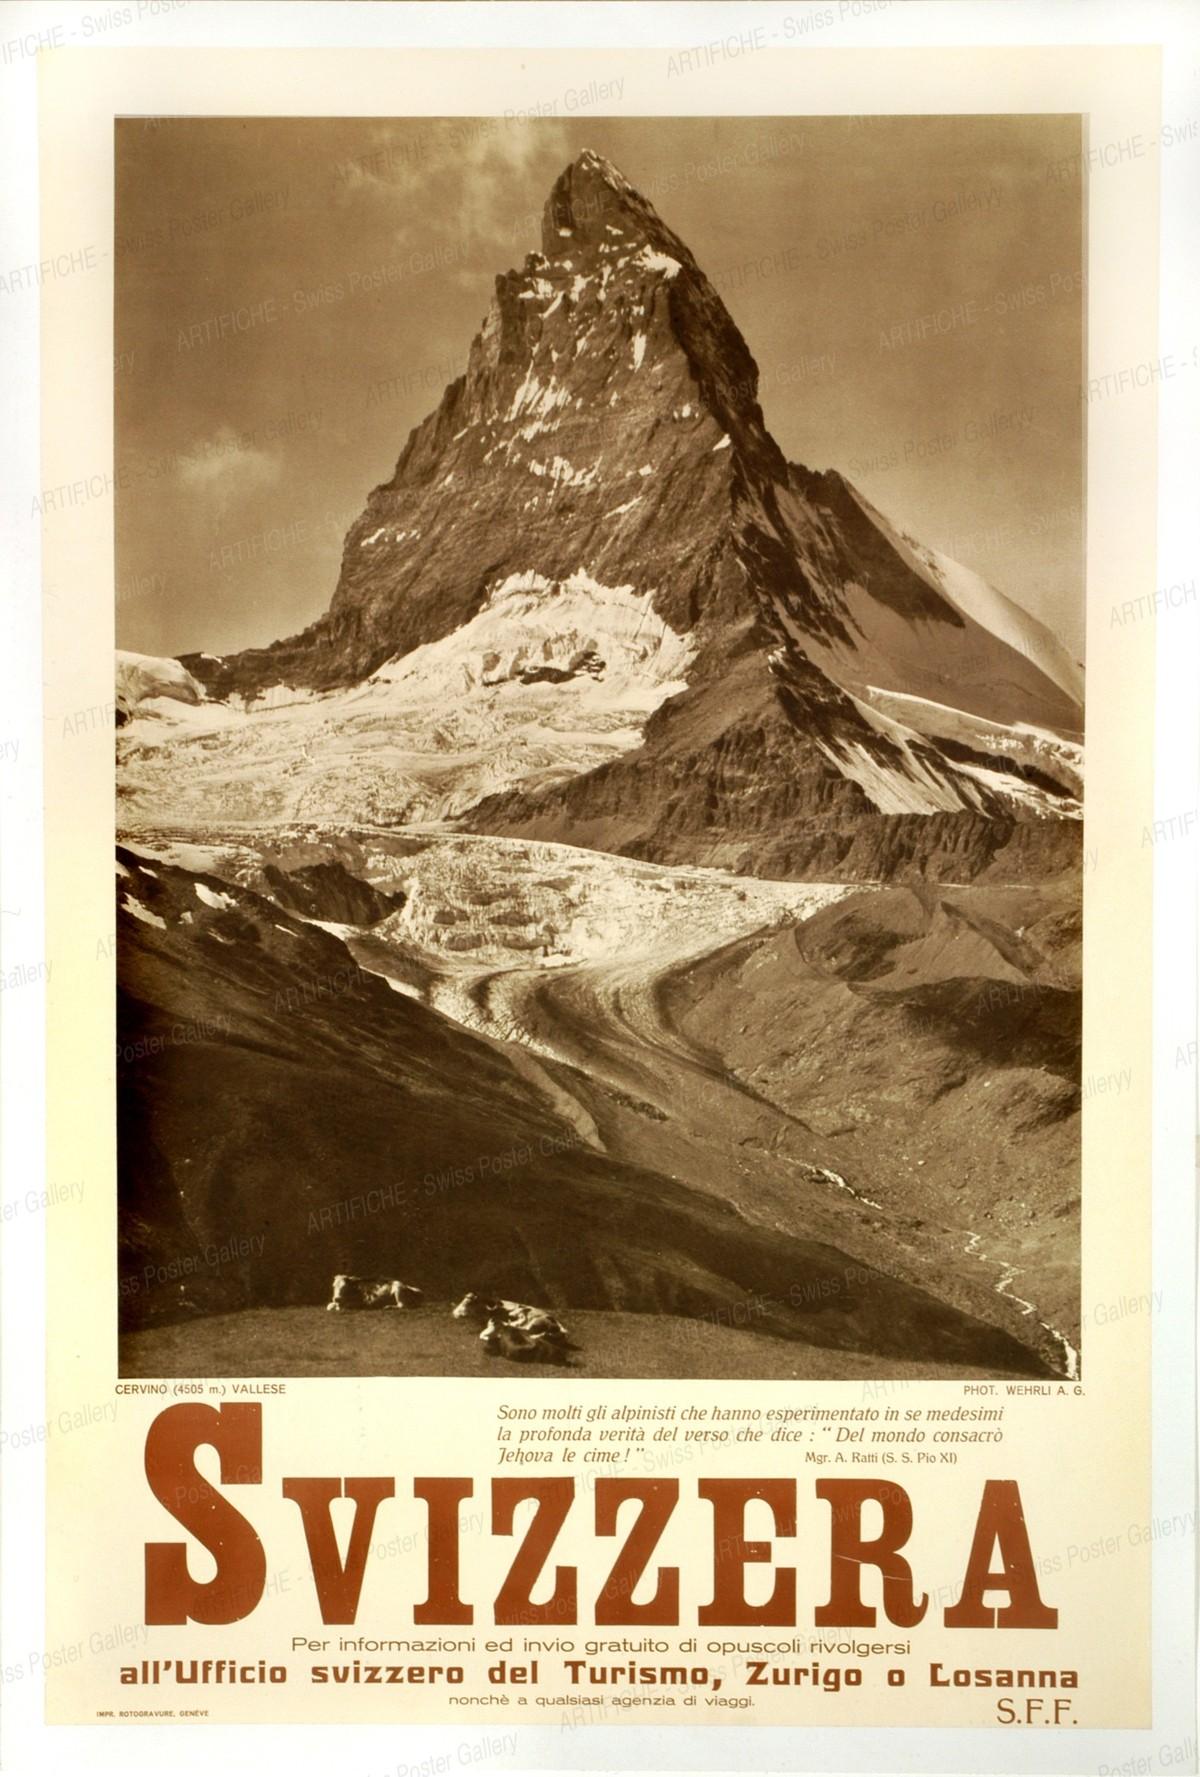 SVIZZERA – Cervino (4505) VALLESE – SFF – all ufficio svizzero del Turismo Zurigo o Losanna, Wehrli A.G. (Photo)